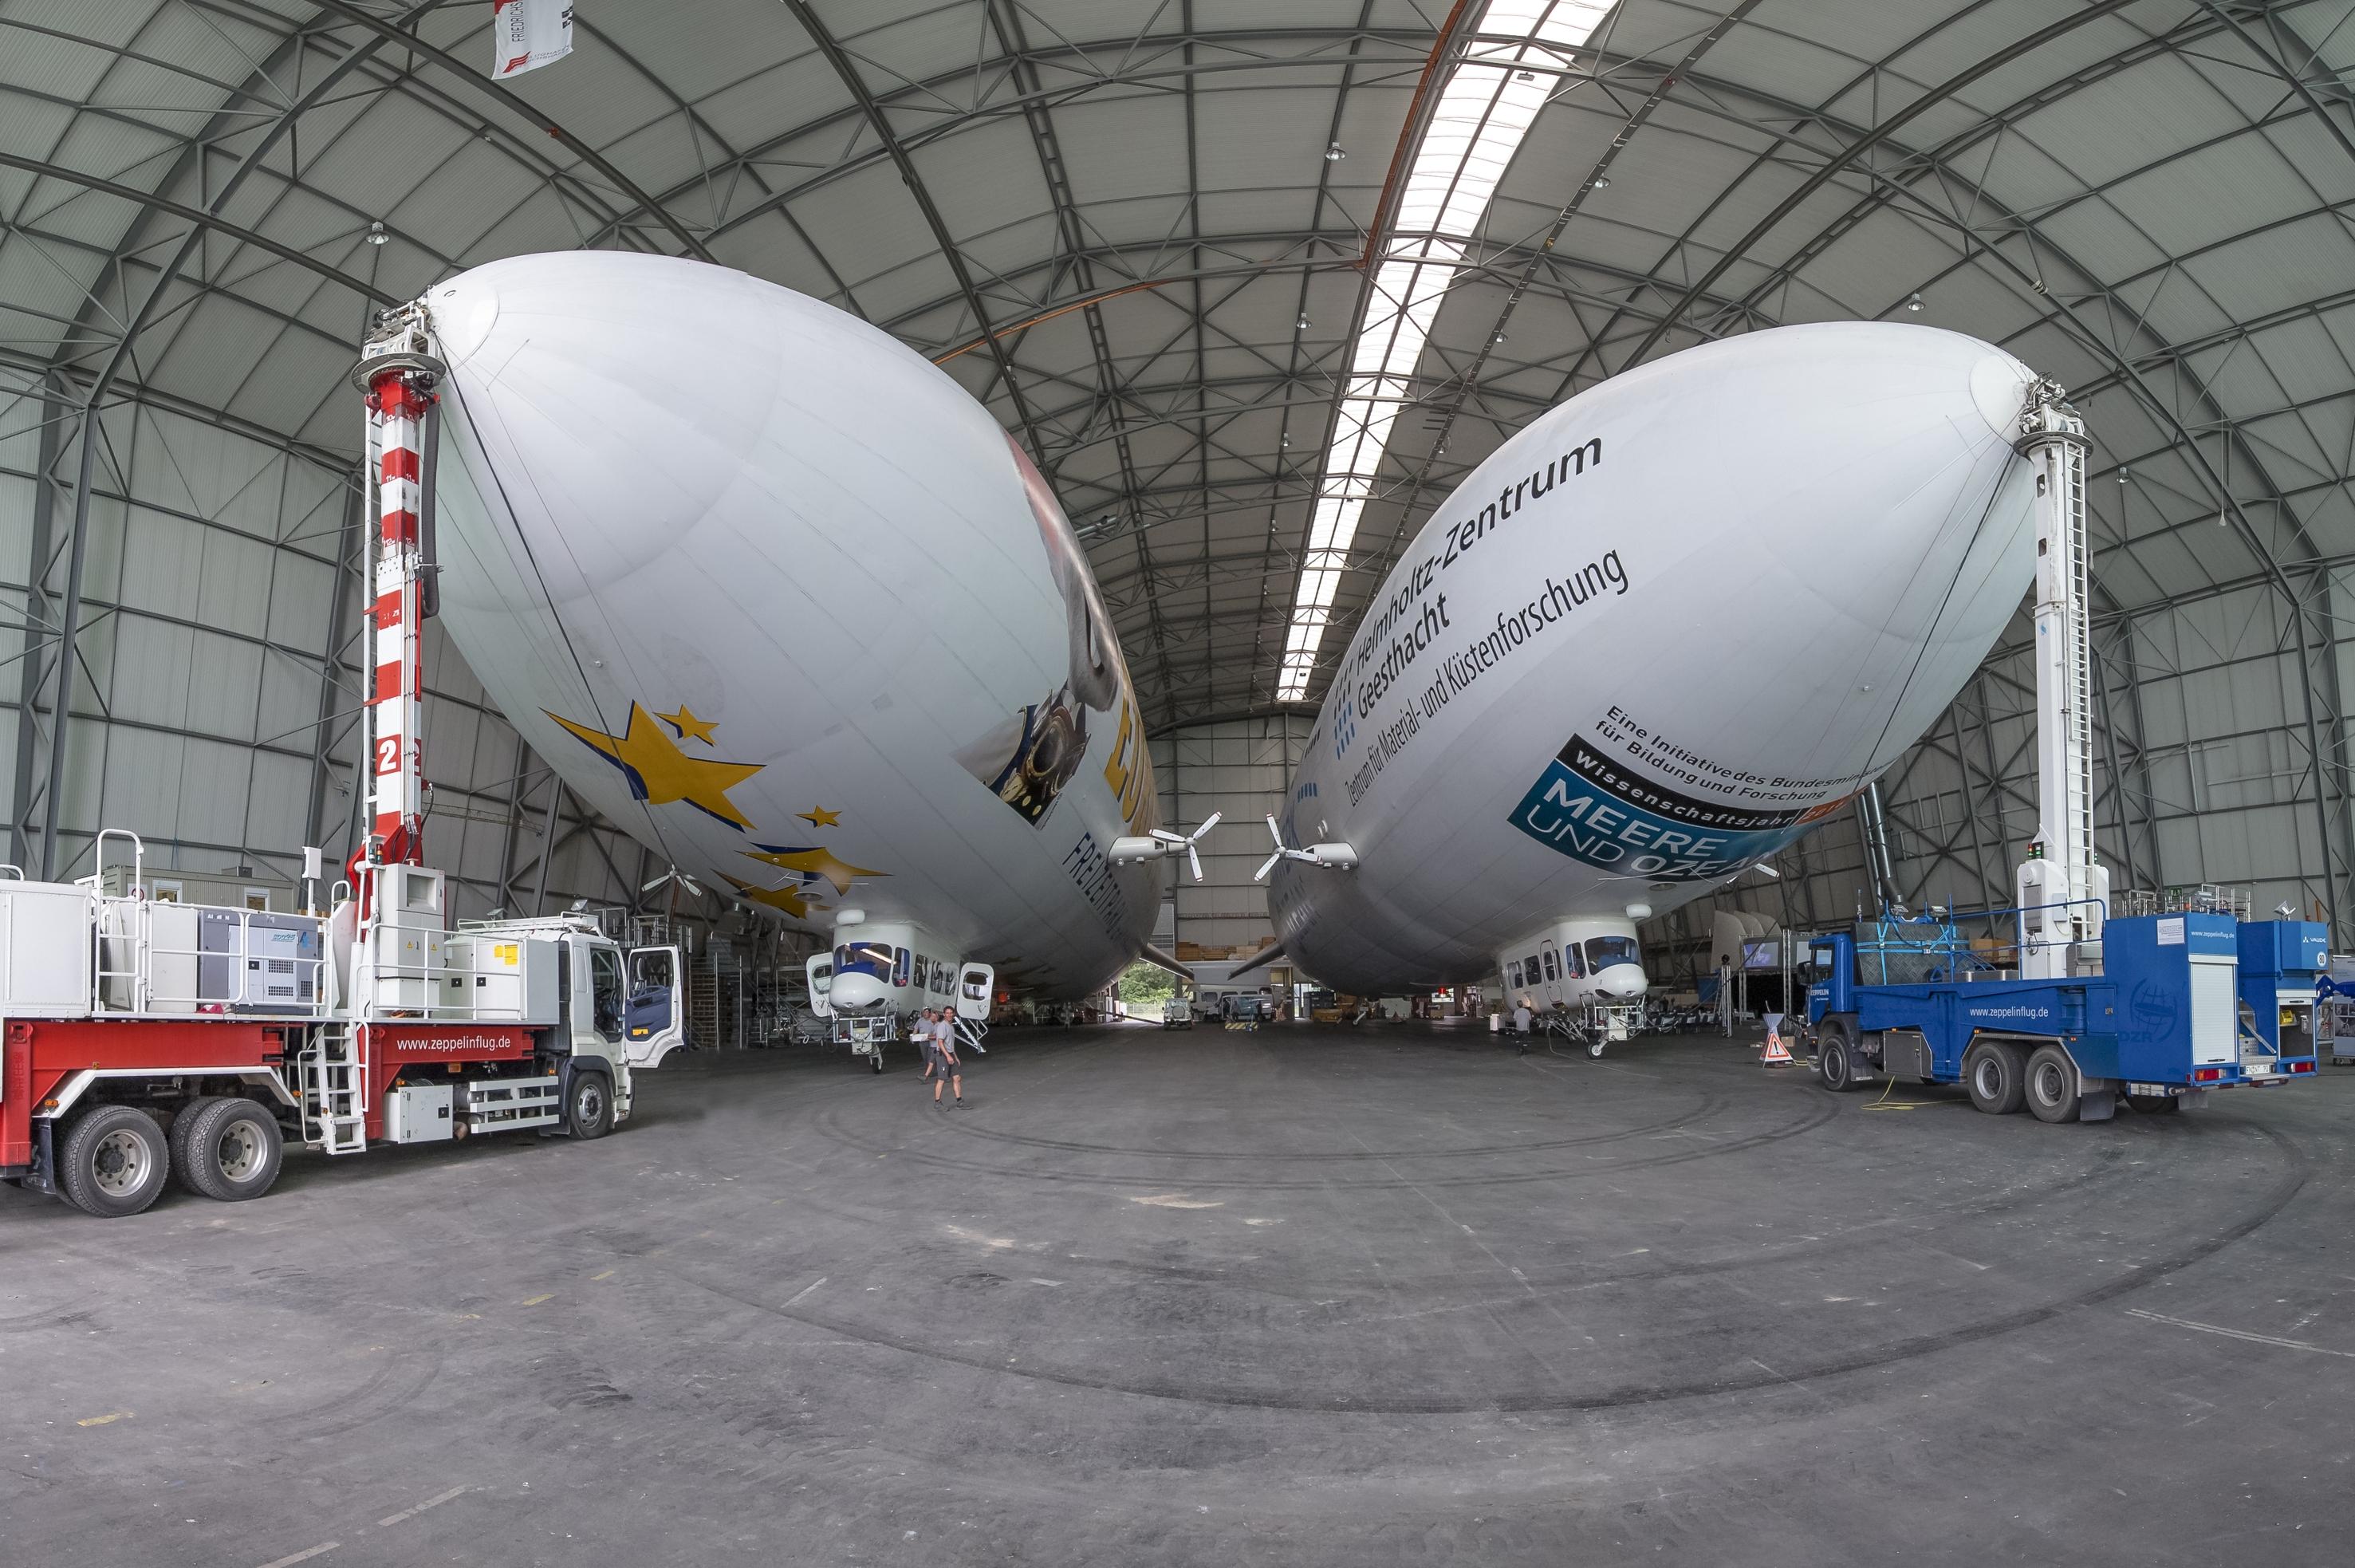 Zwei Zeppeline in Hangar.